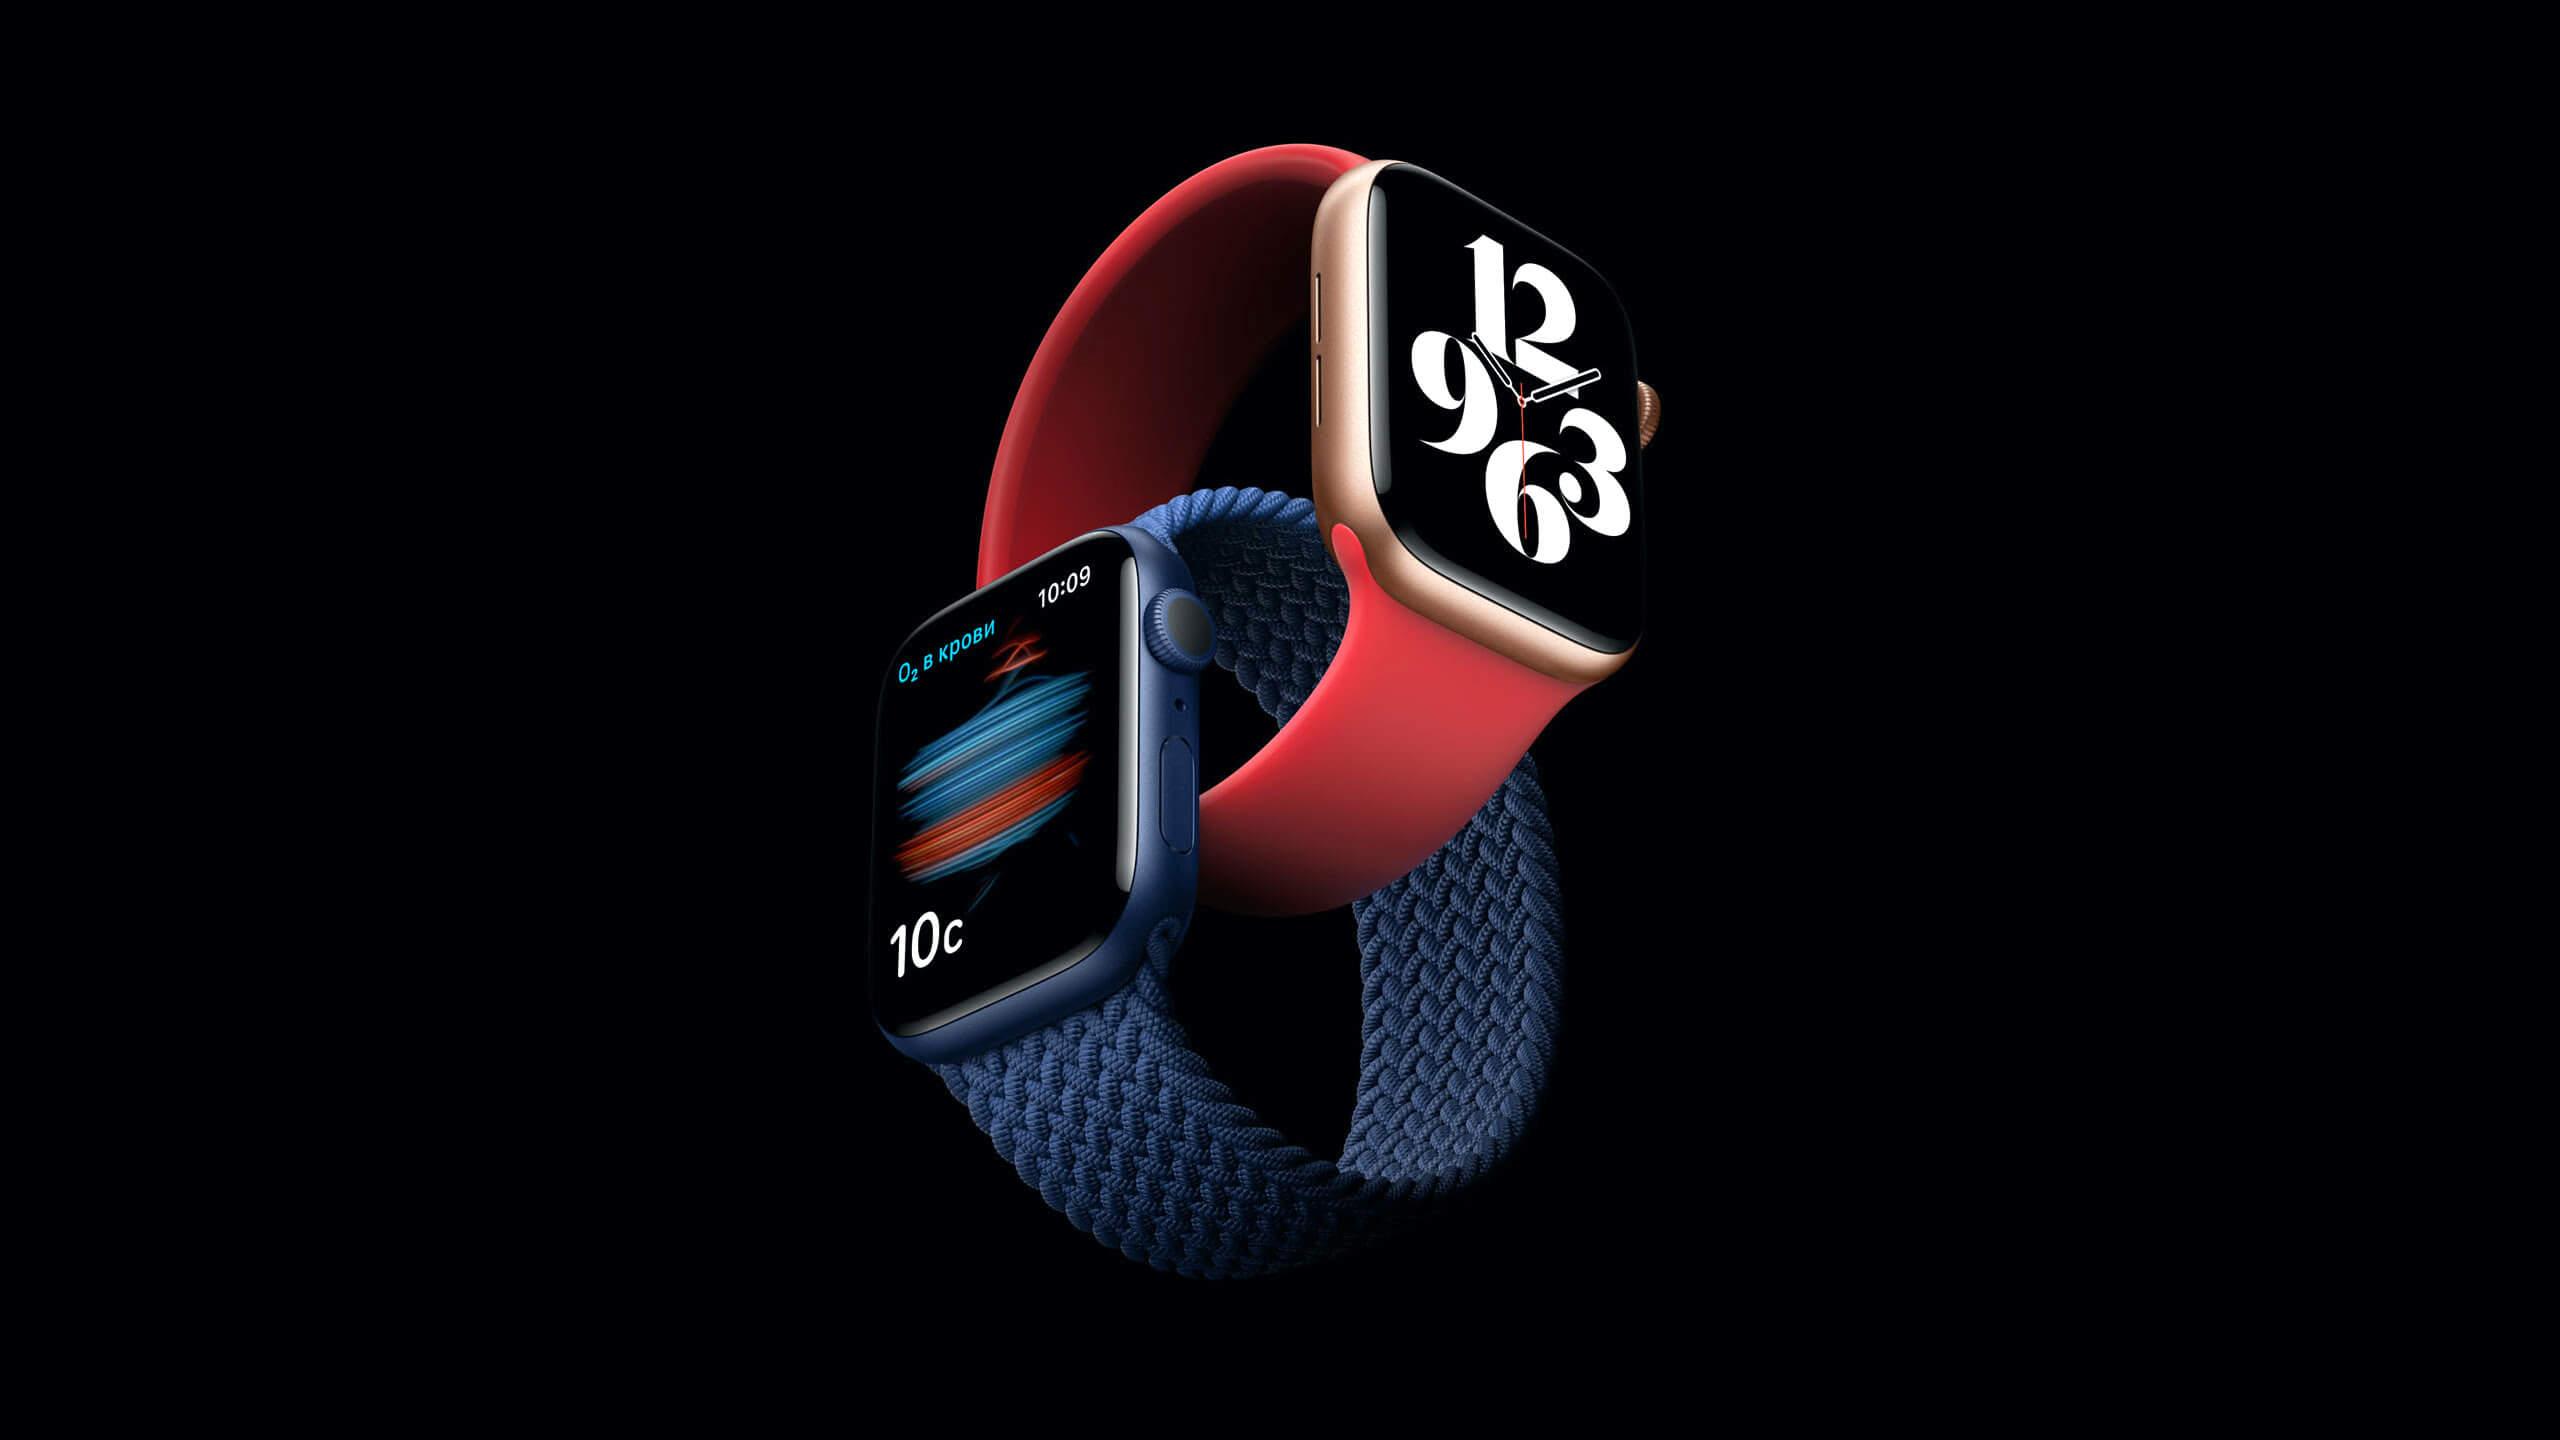 Apple Watch смогут определять содержание алкоголя в крови